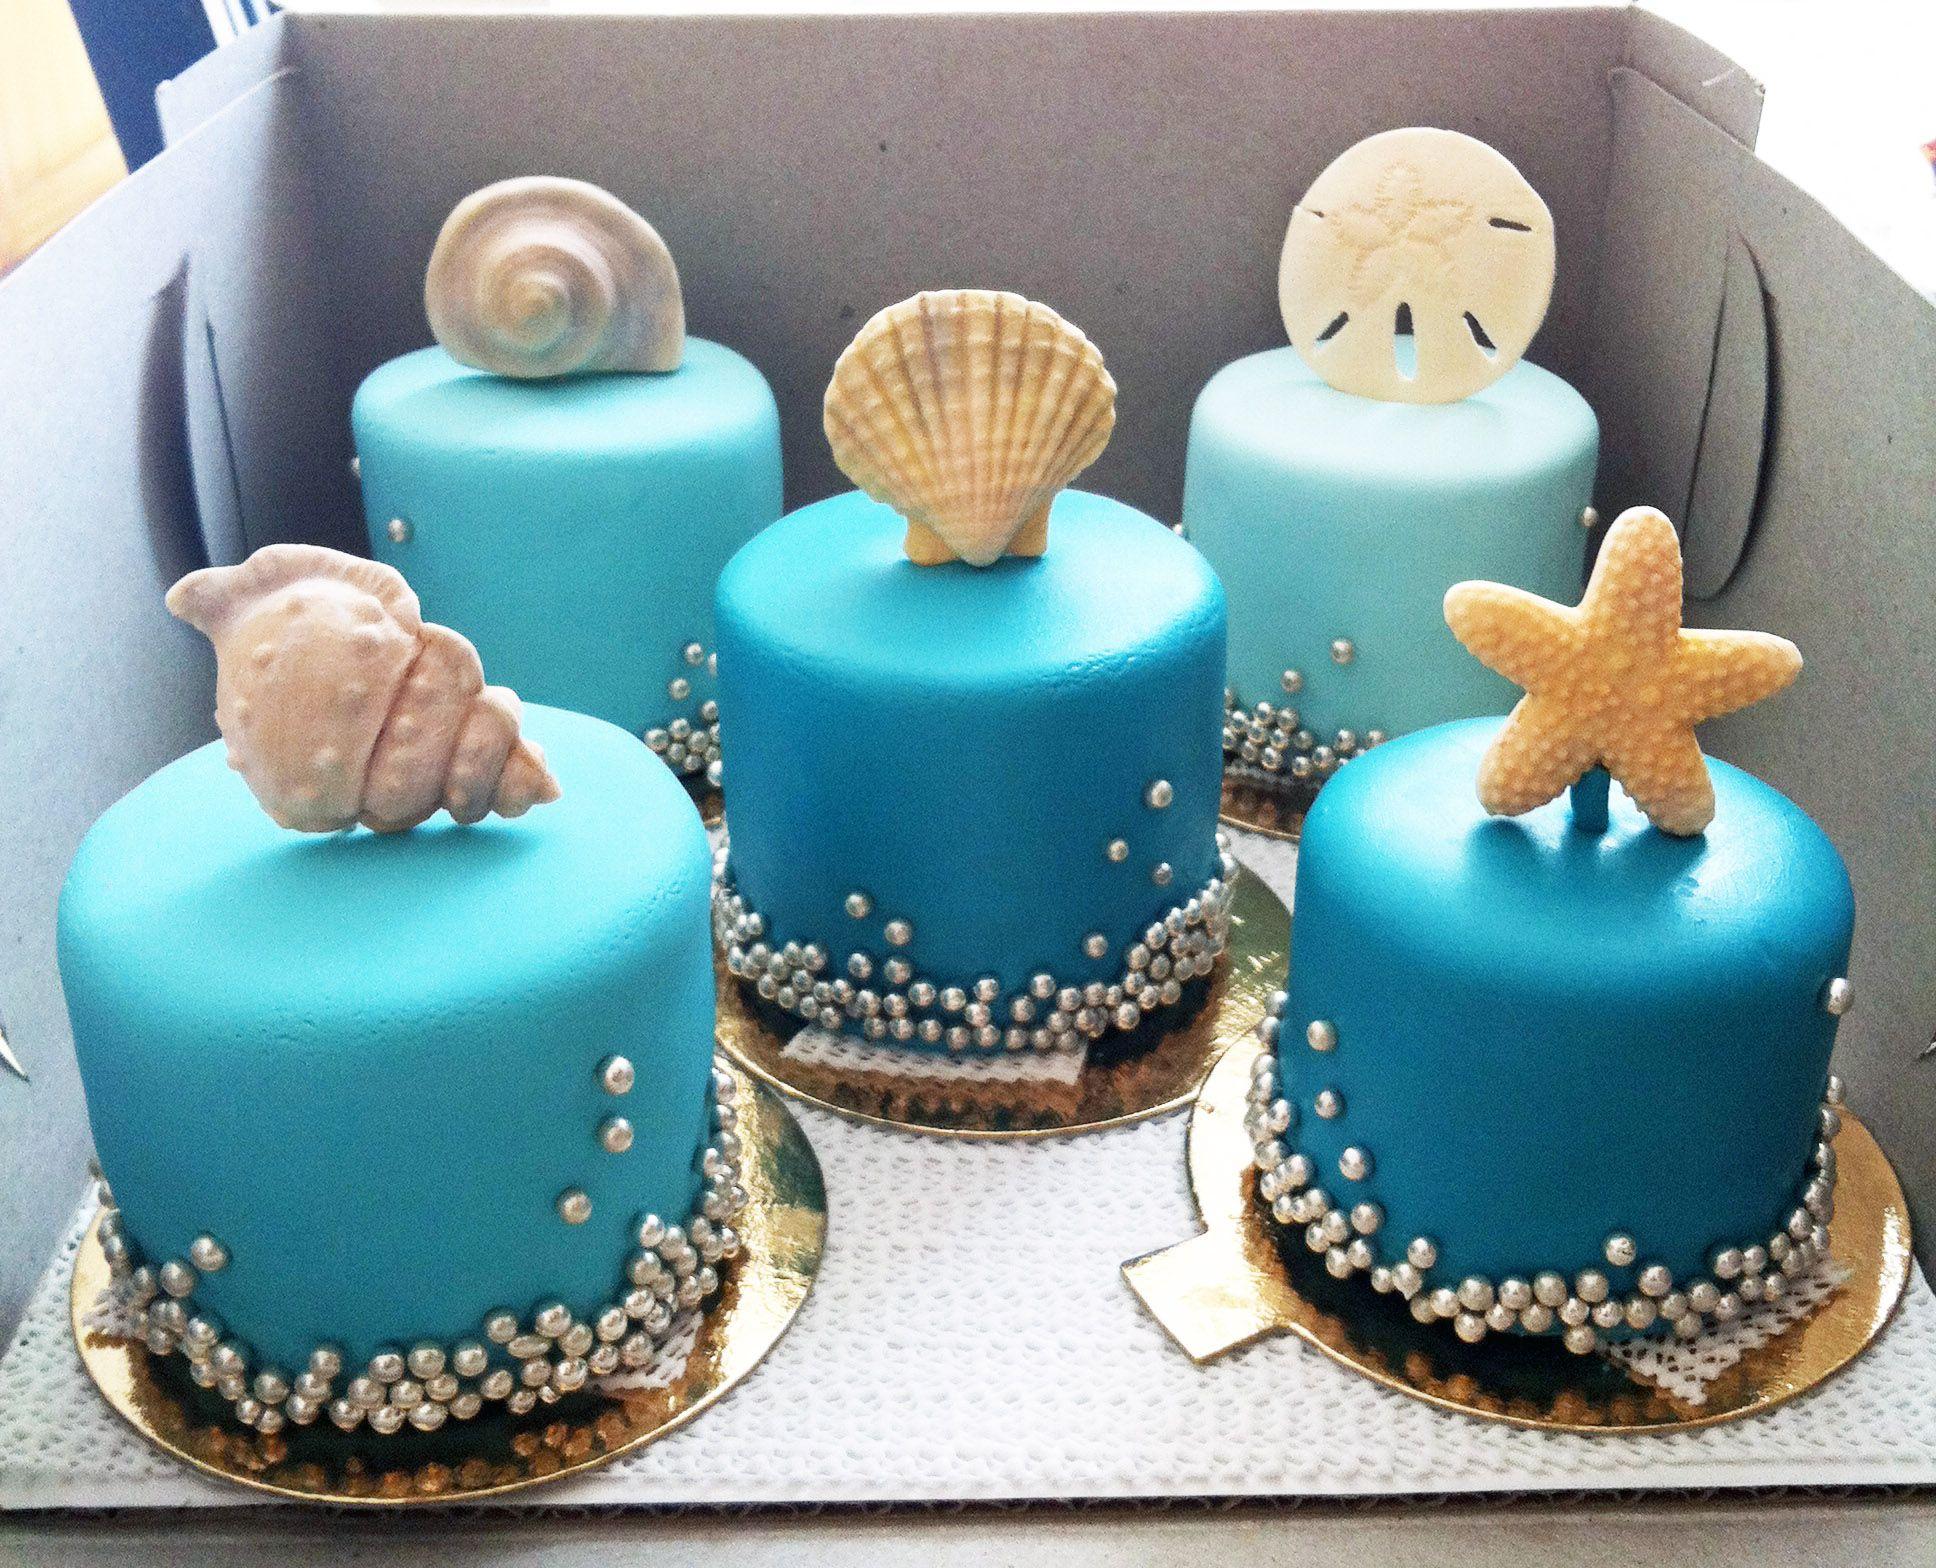 Pinterest Wedding Cakes: Wedding Cupcakes & Mini Cakes